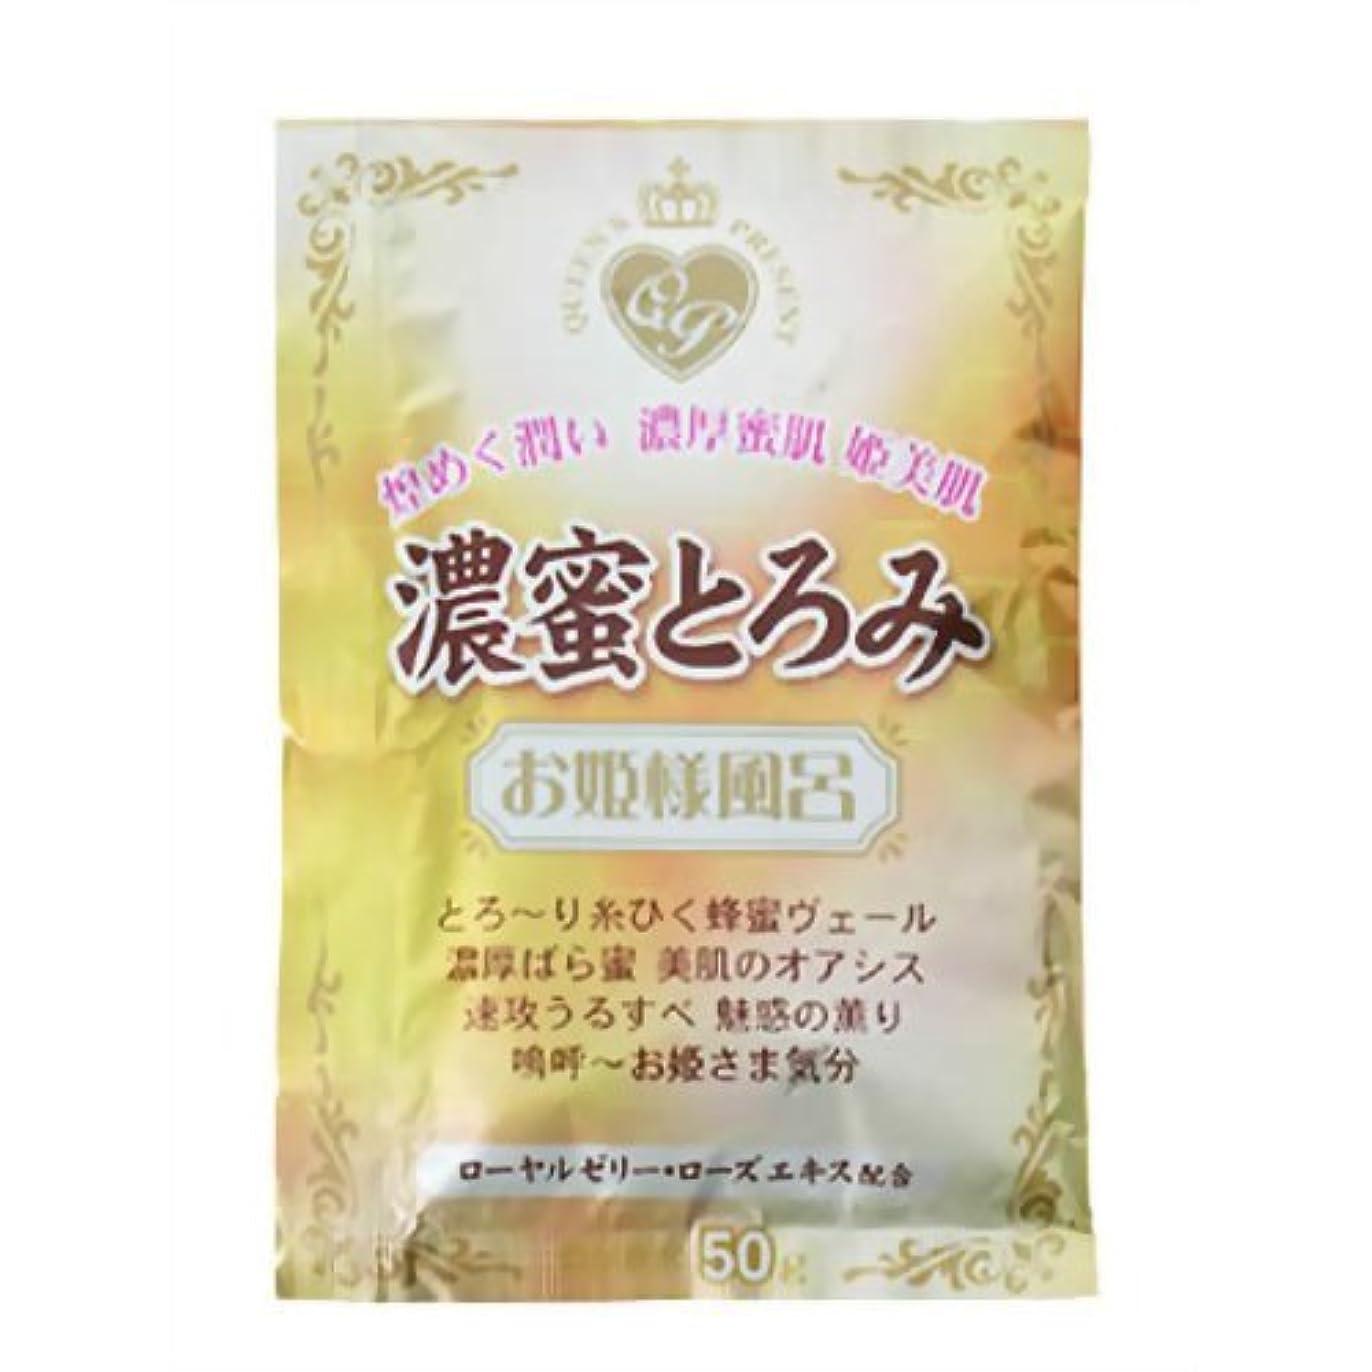 看板アクセシブルどきどき紀陽除虫菊 お姫様風呂  濃密とろみ【まとめ買い12個セット】 N-8173